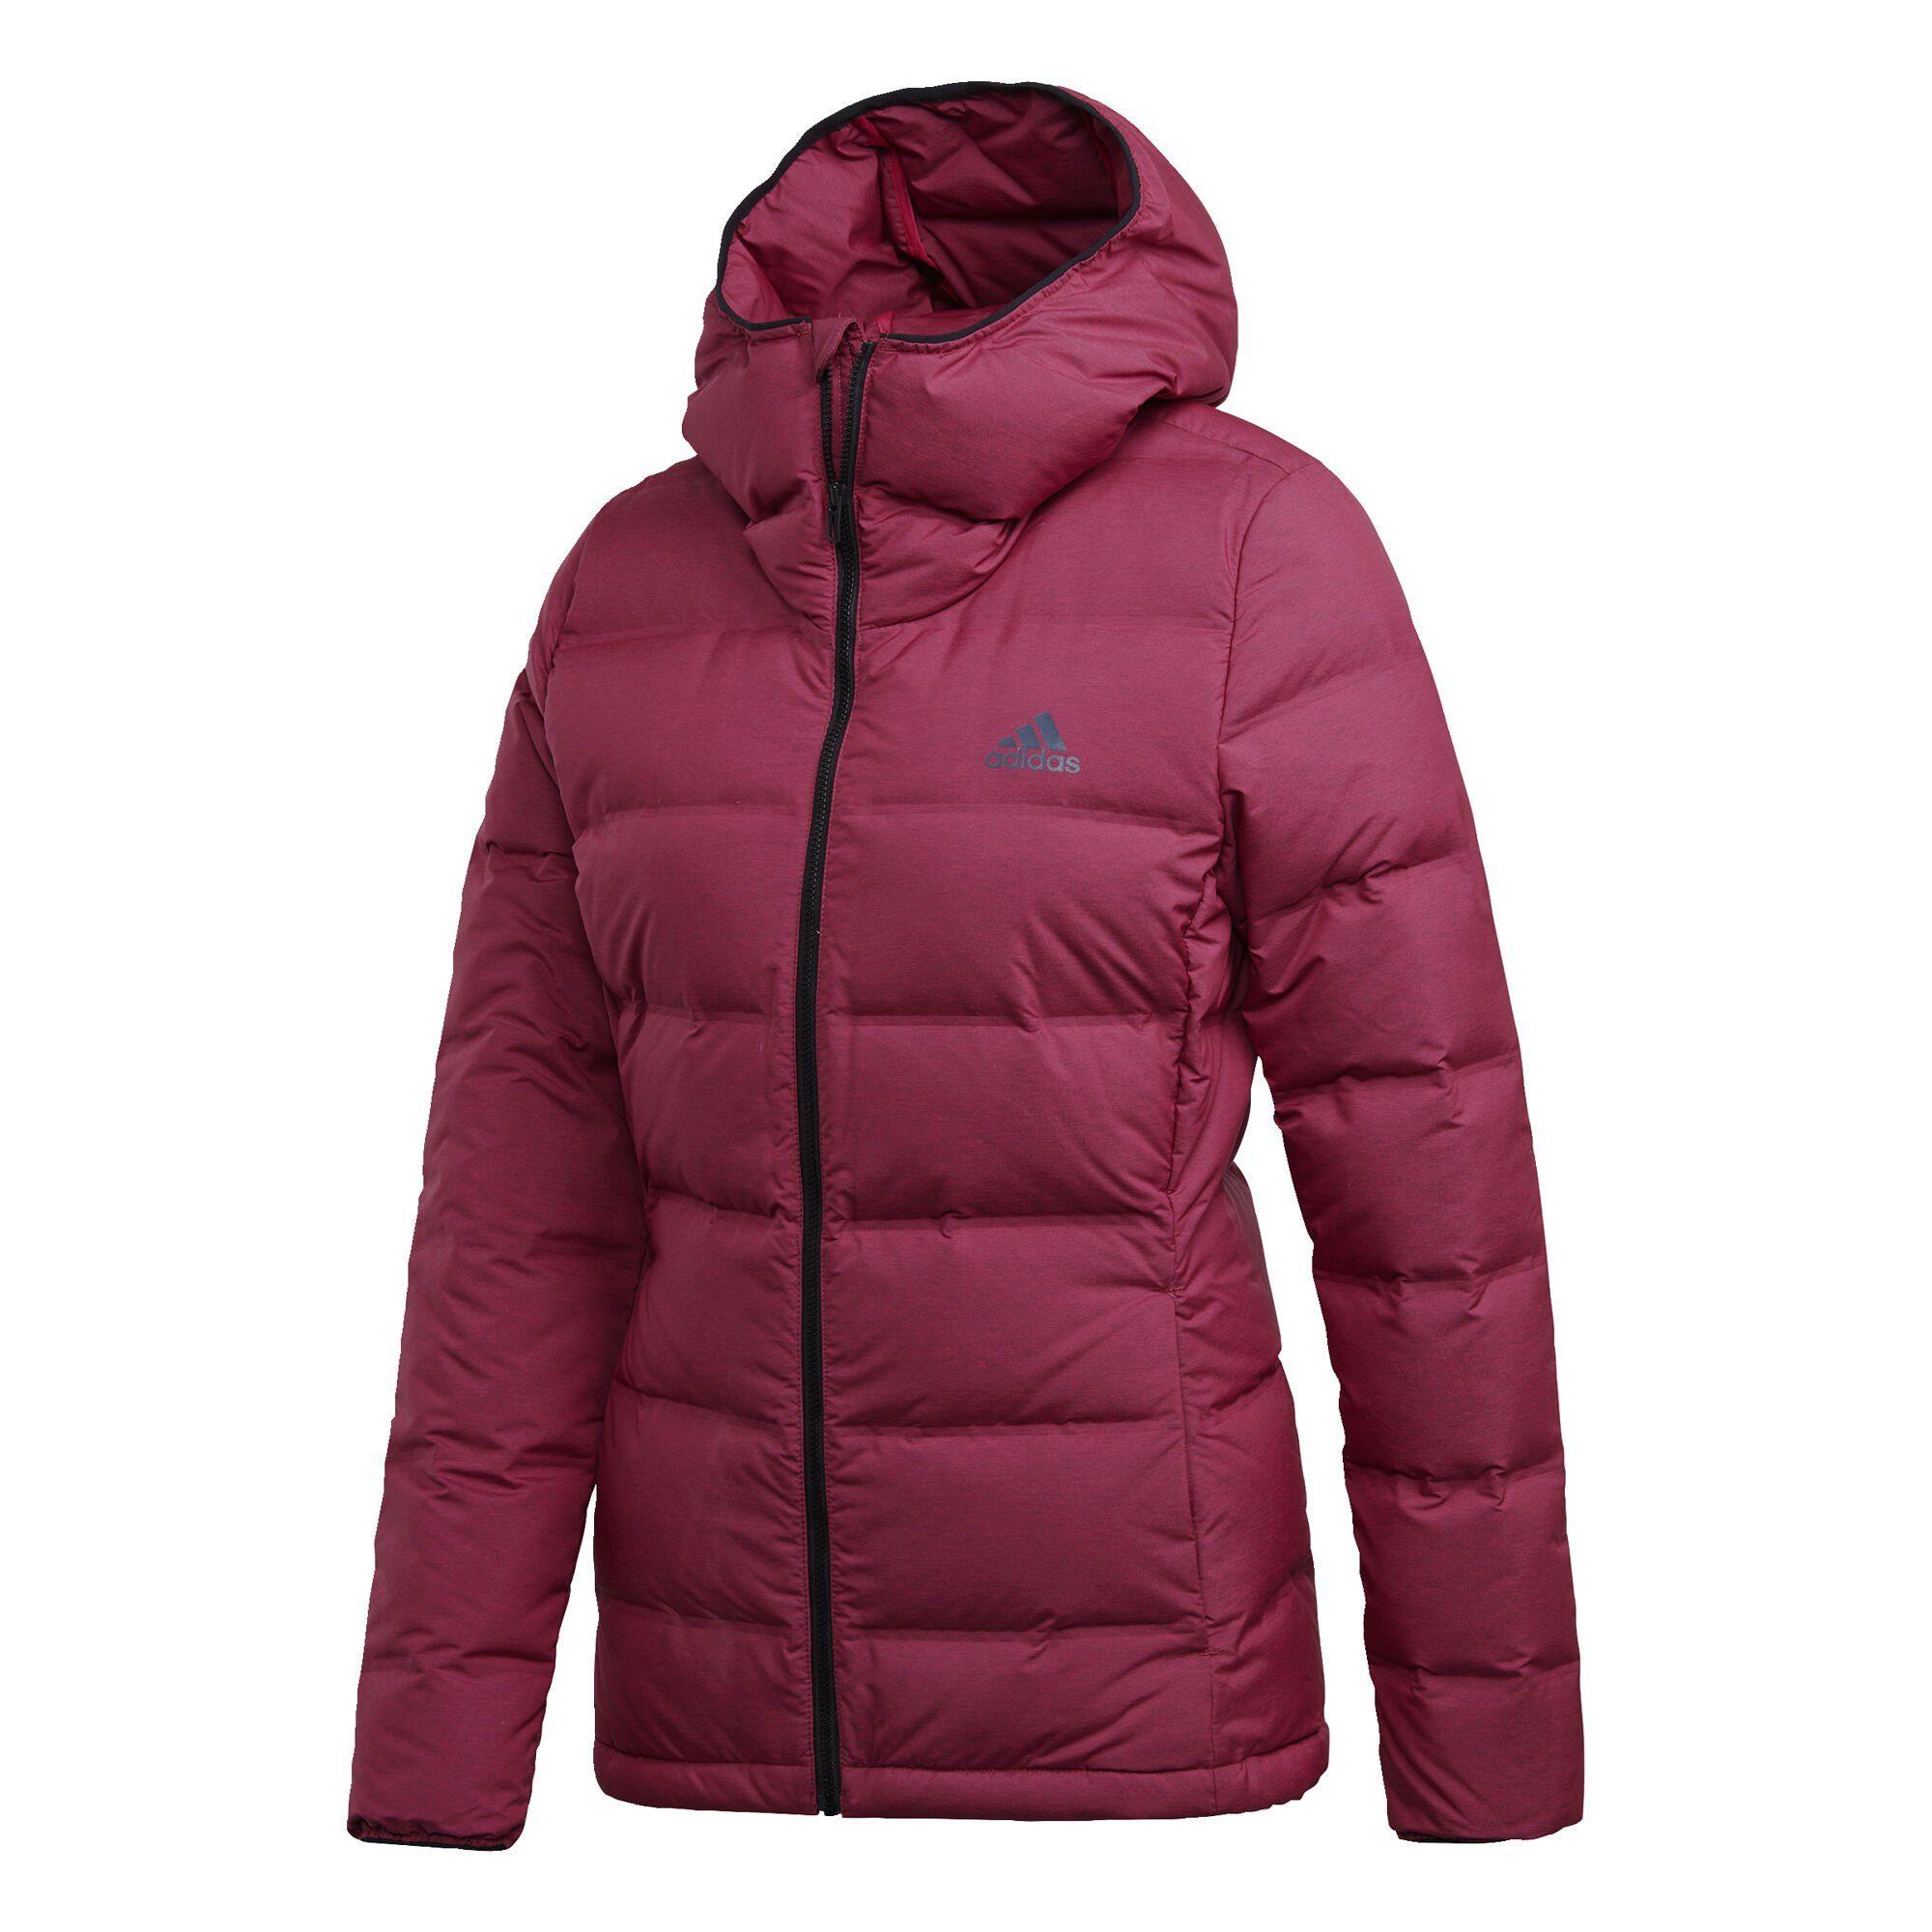 Adidas Slim Jacke Winterjacke gesteppt mit Kapuze für Damen in blau